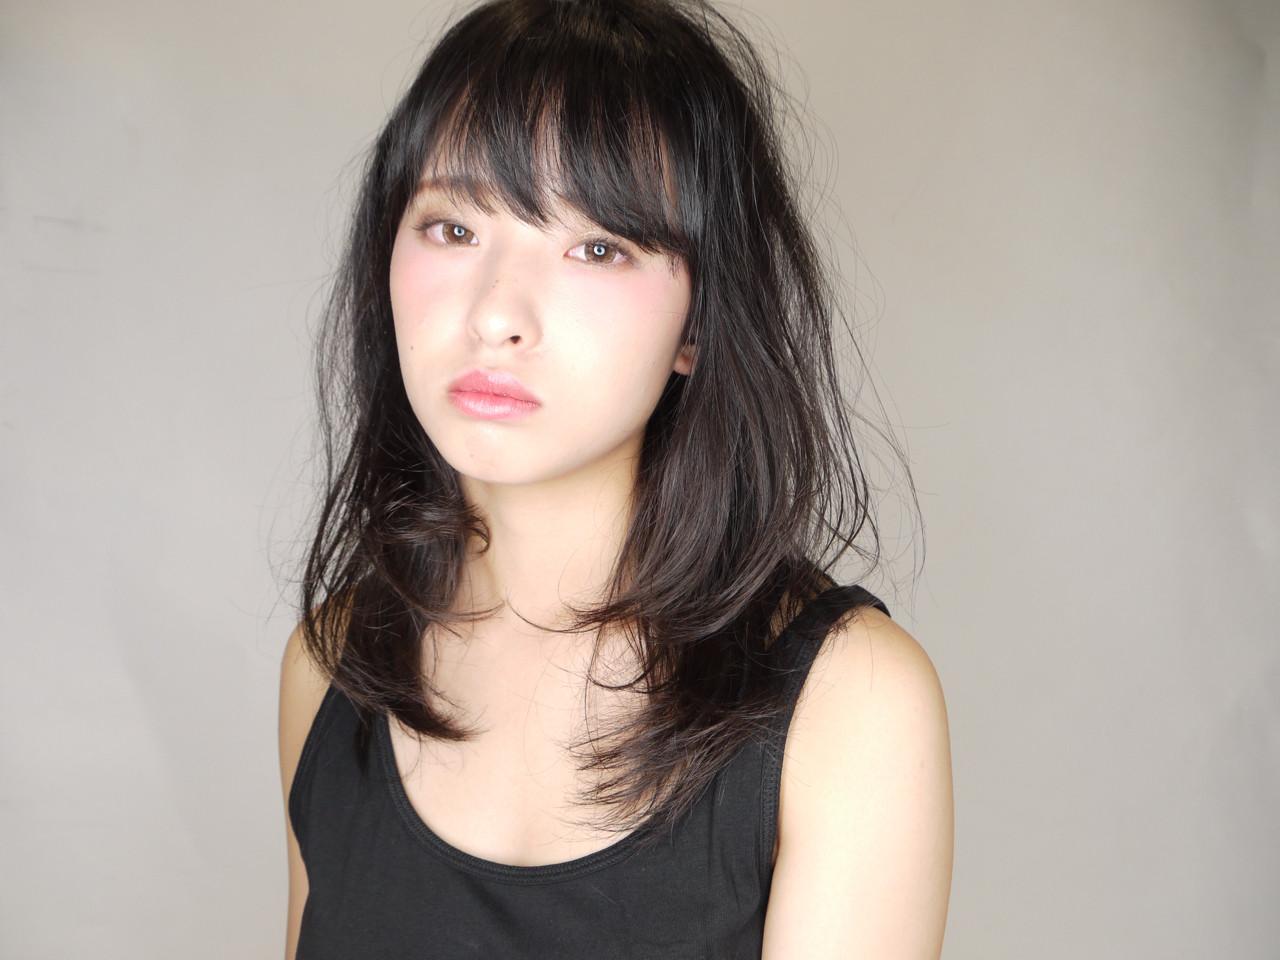 黒髪×パーマで作る媚びない夏の大人女子特集♡ 矢木 智浩